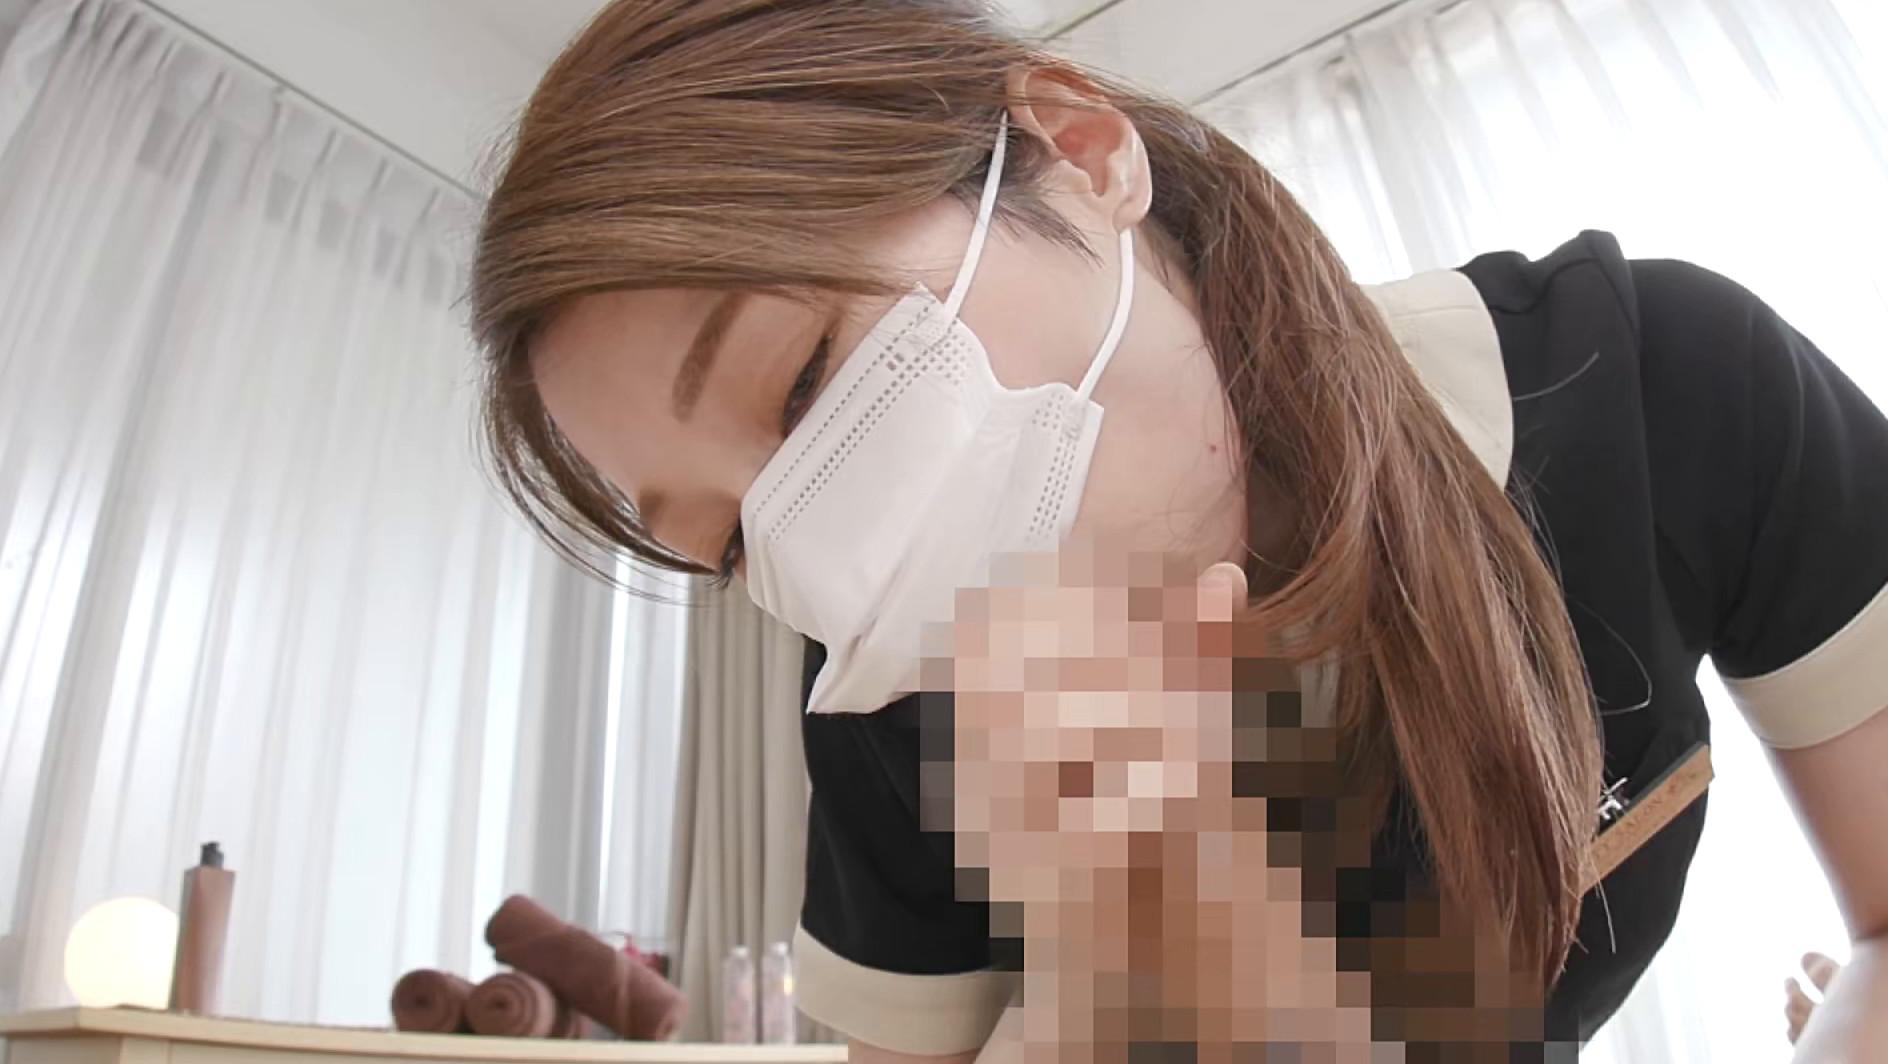 愛嬌溢れる美人エステティシャン由美香さんの初めてのチ〇ポ観察&身悶えるような手コキニックで即射4